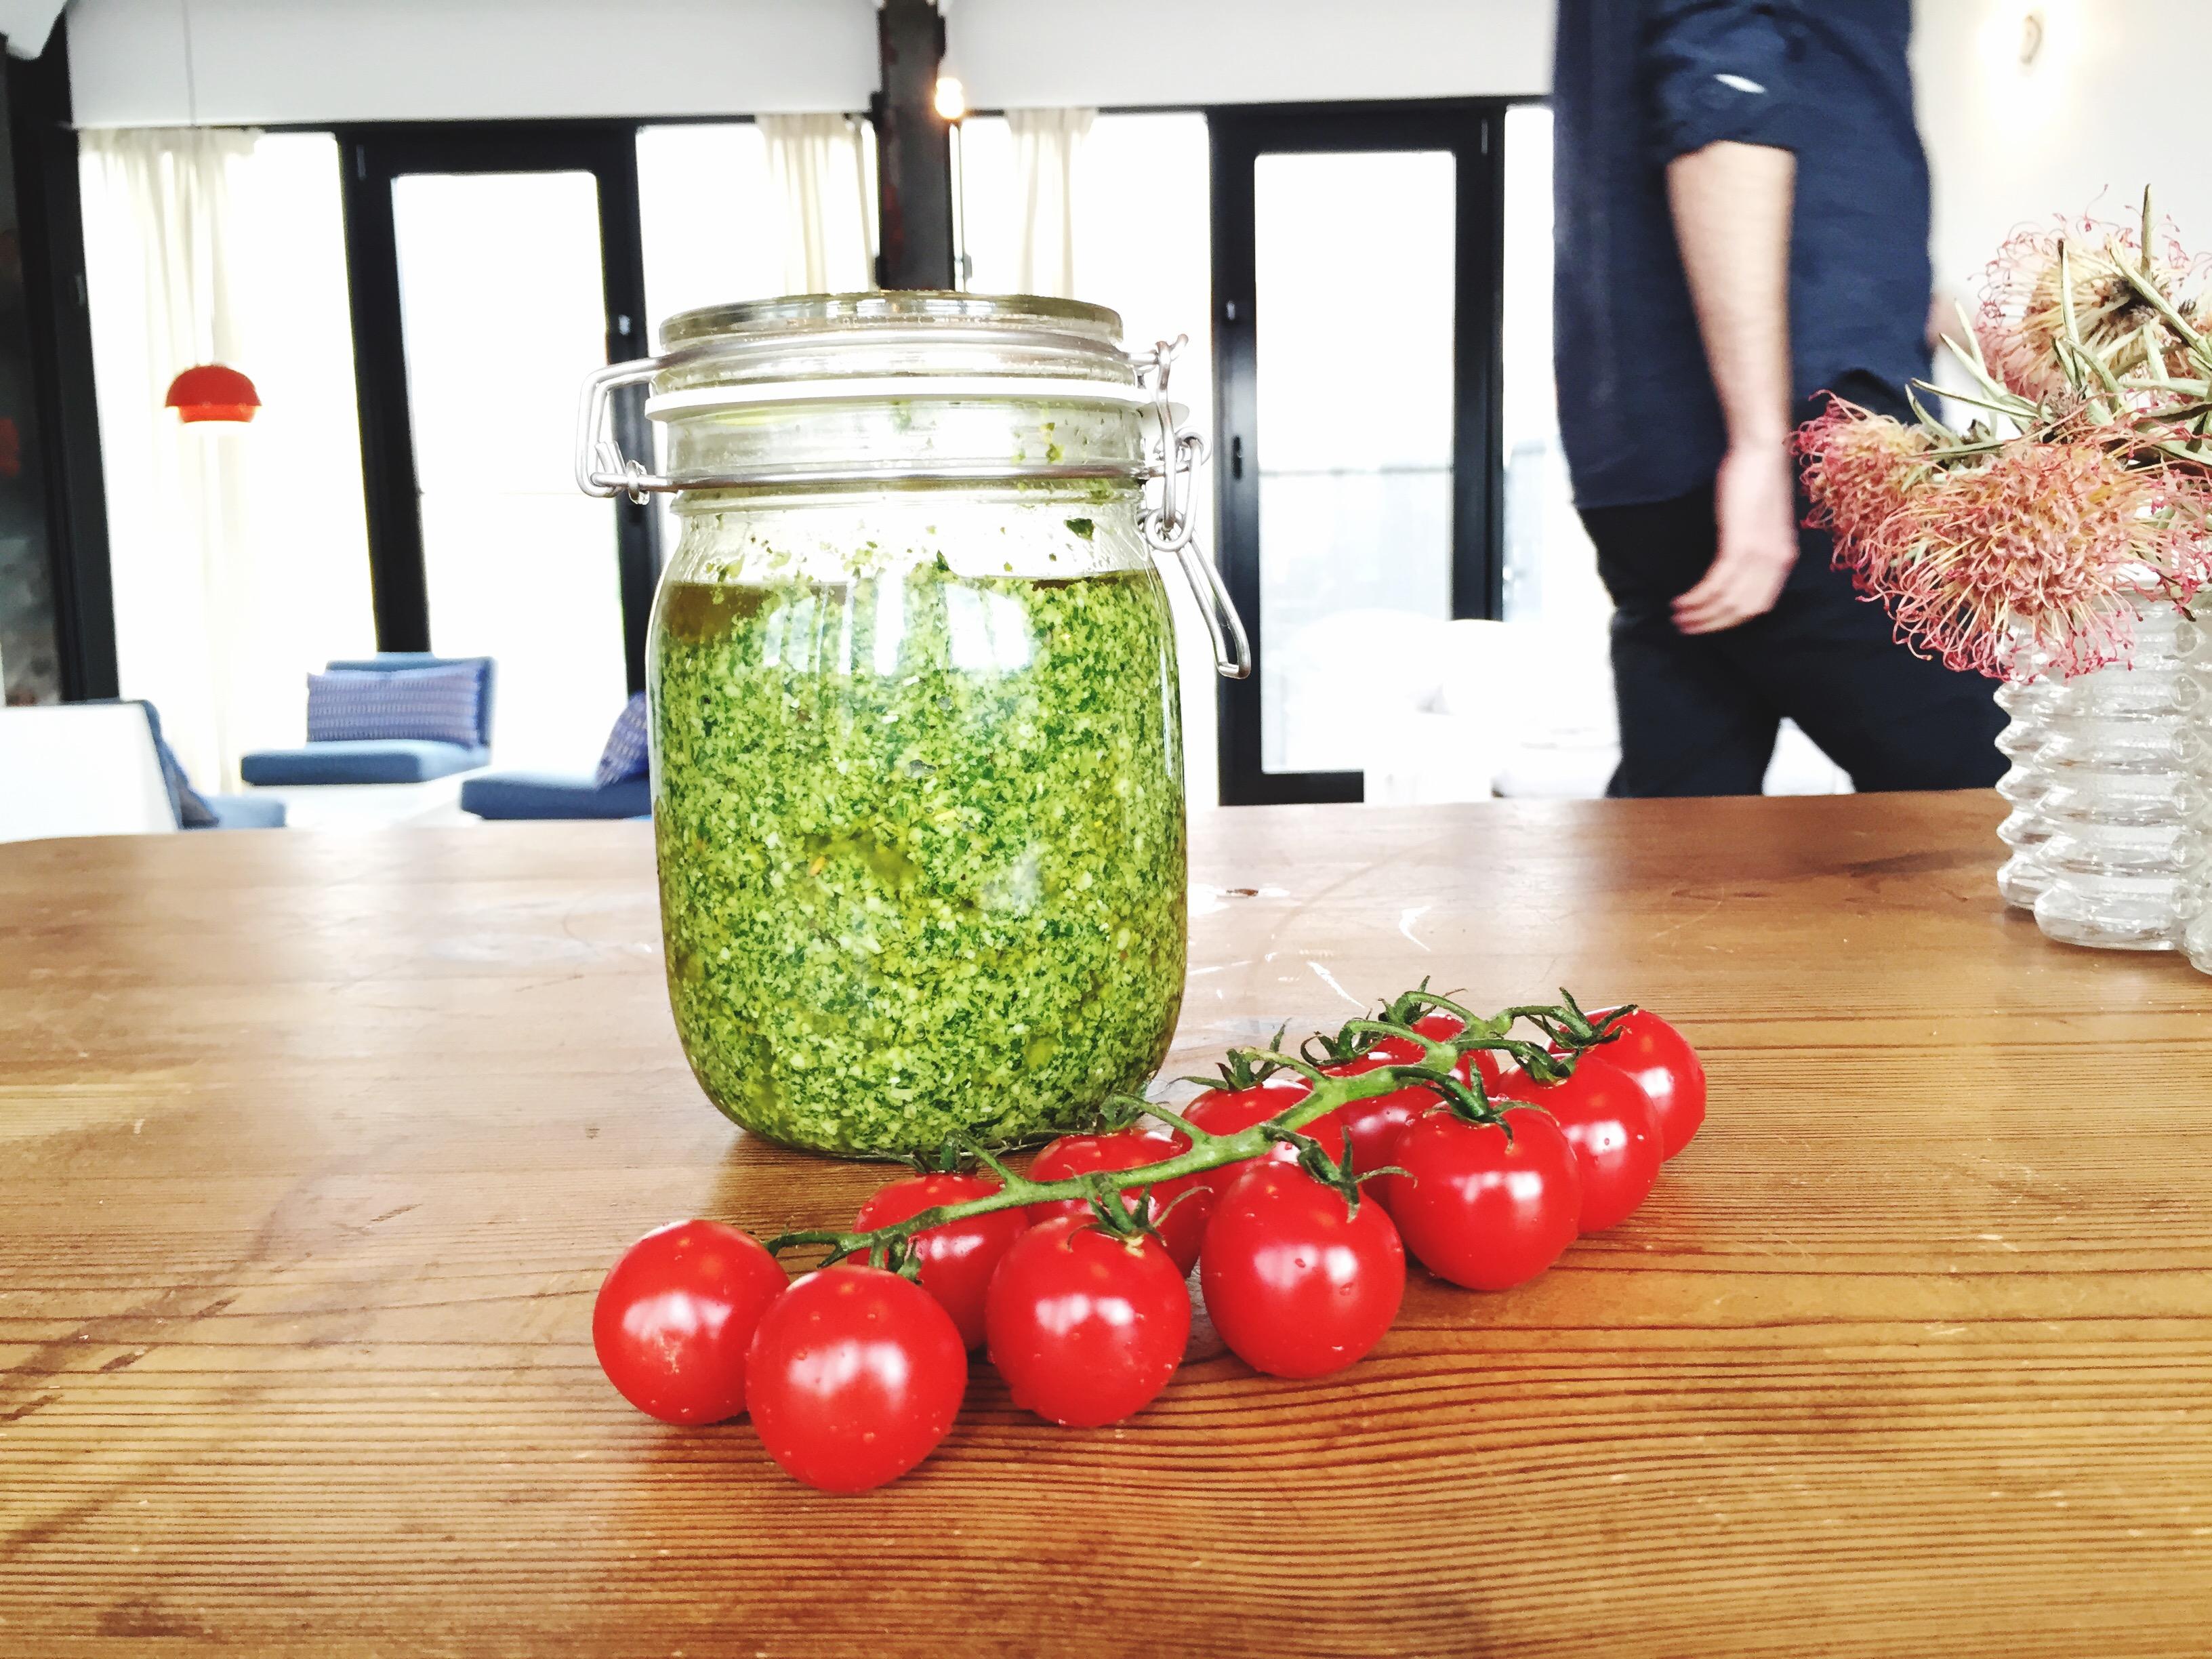 Deze voedingsmiddelen kun je nog ver na de houdbaarheidsdatum opeten – Wel.nl